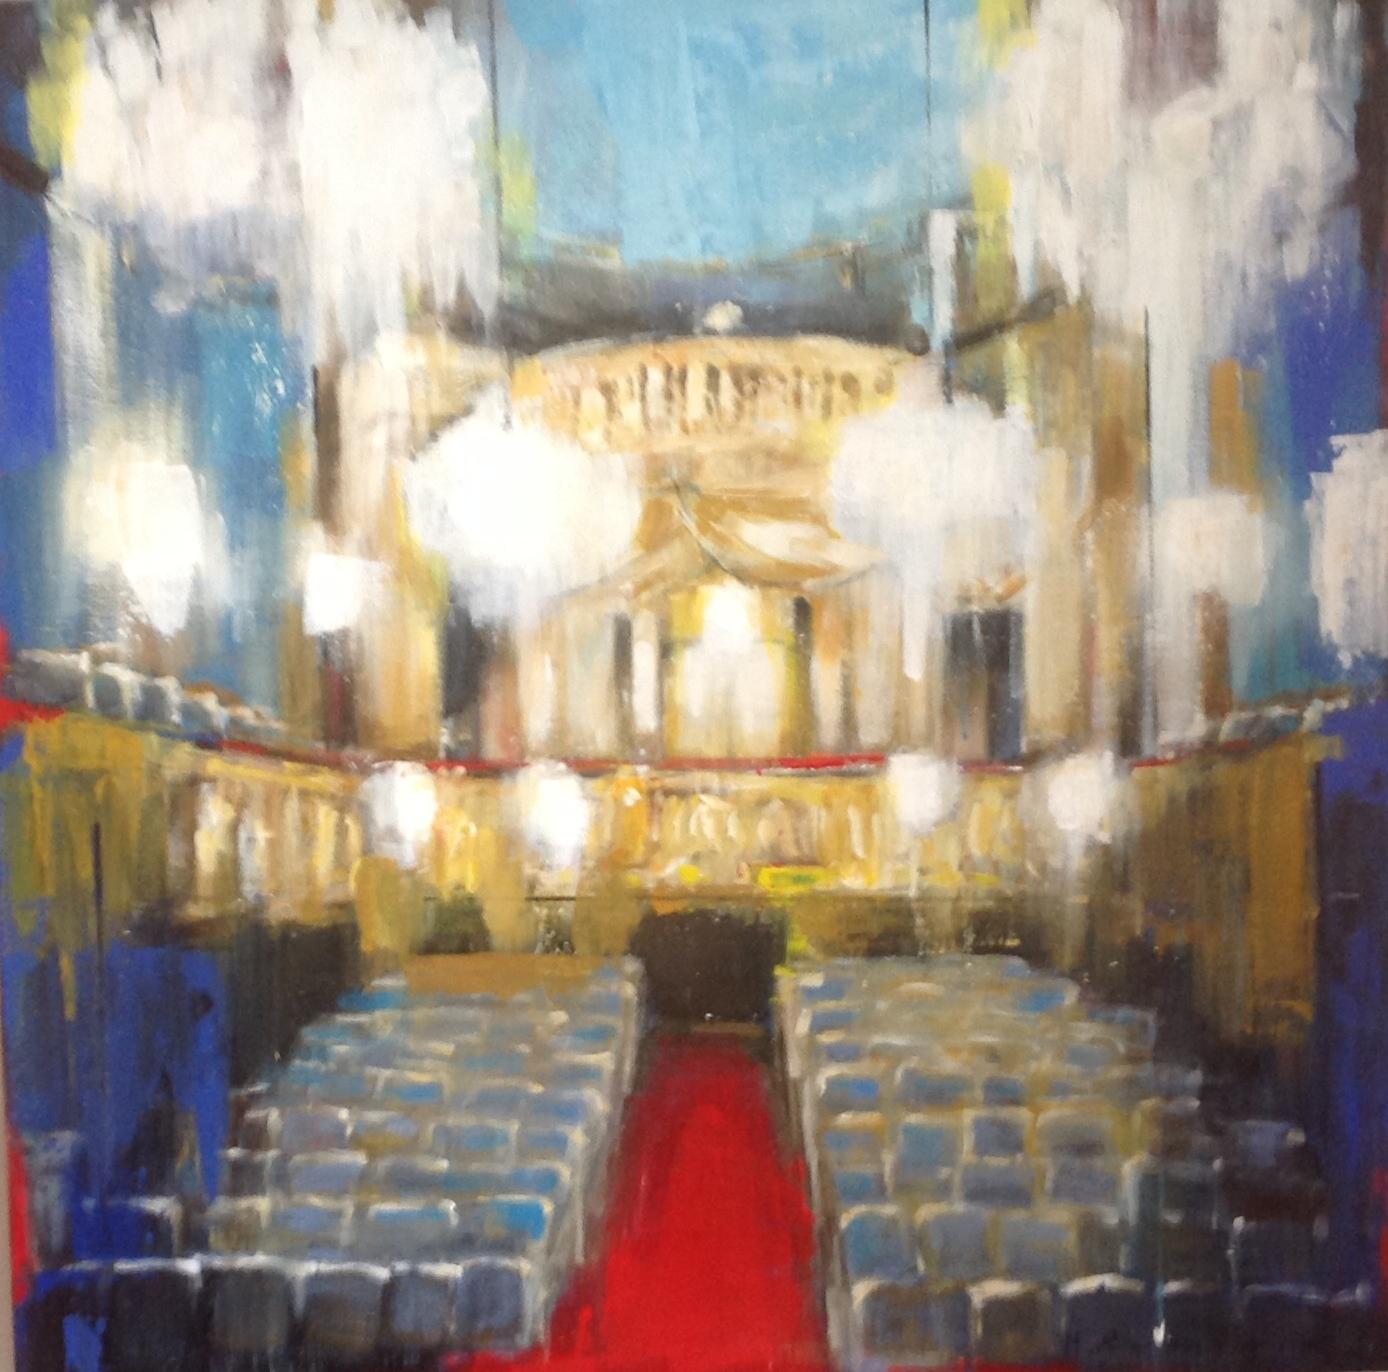 Schonbrunn Palace Theatre  by Hanna Ruminski